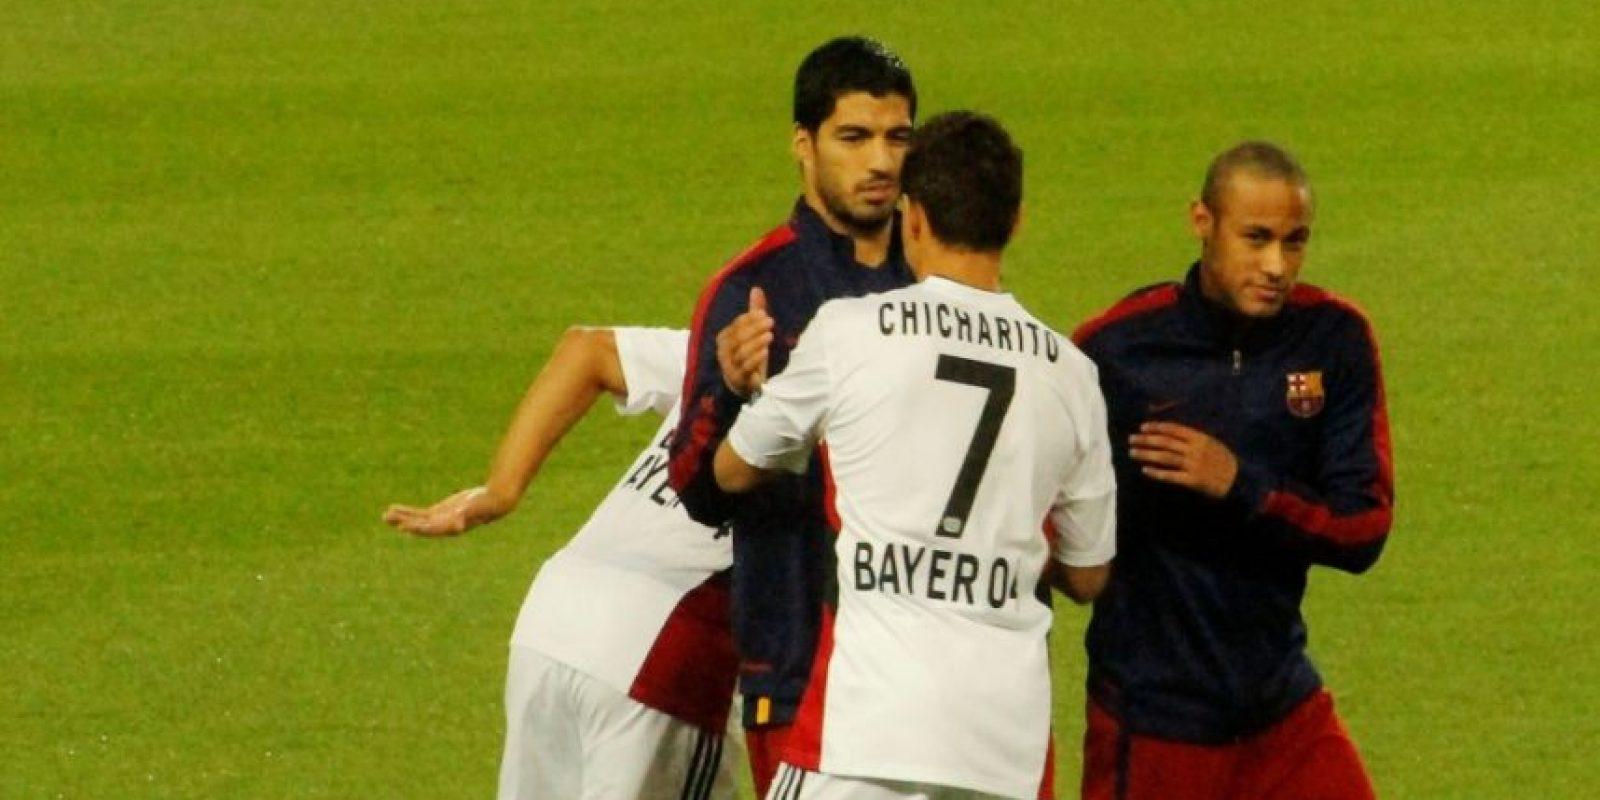 Y al minuto 50′ falló una ocasión clara de gol, lo que le trajo críticas de muchos medios de comunicación en Europa. Foto:Ramón Mompio